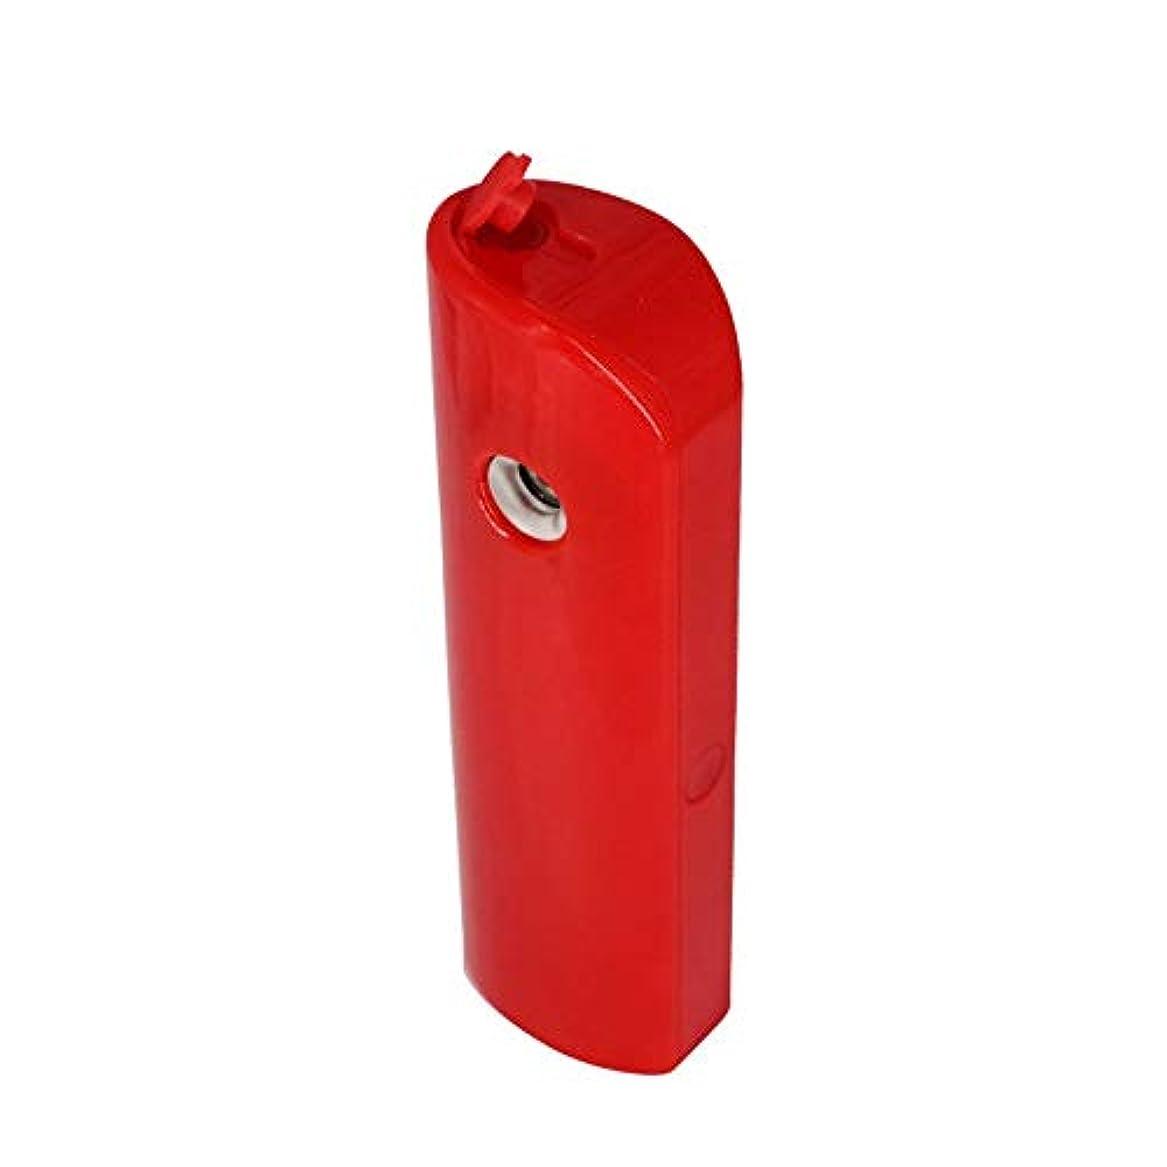 援助ランチョン田舎者ZXF 新しいポータブルハンドヘルドabs材料水和機器美容機器顔の加湿スプレー機器ナノマイナスイオン水和機器充電宝物赤 滑らかである